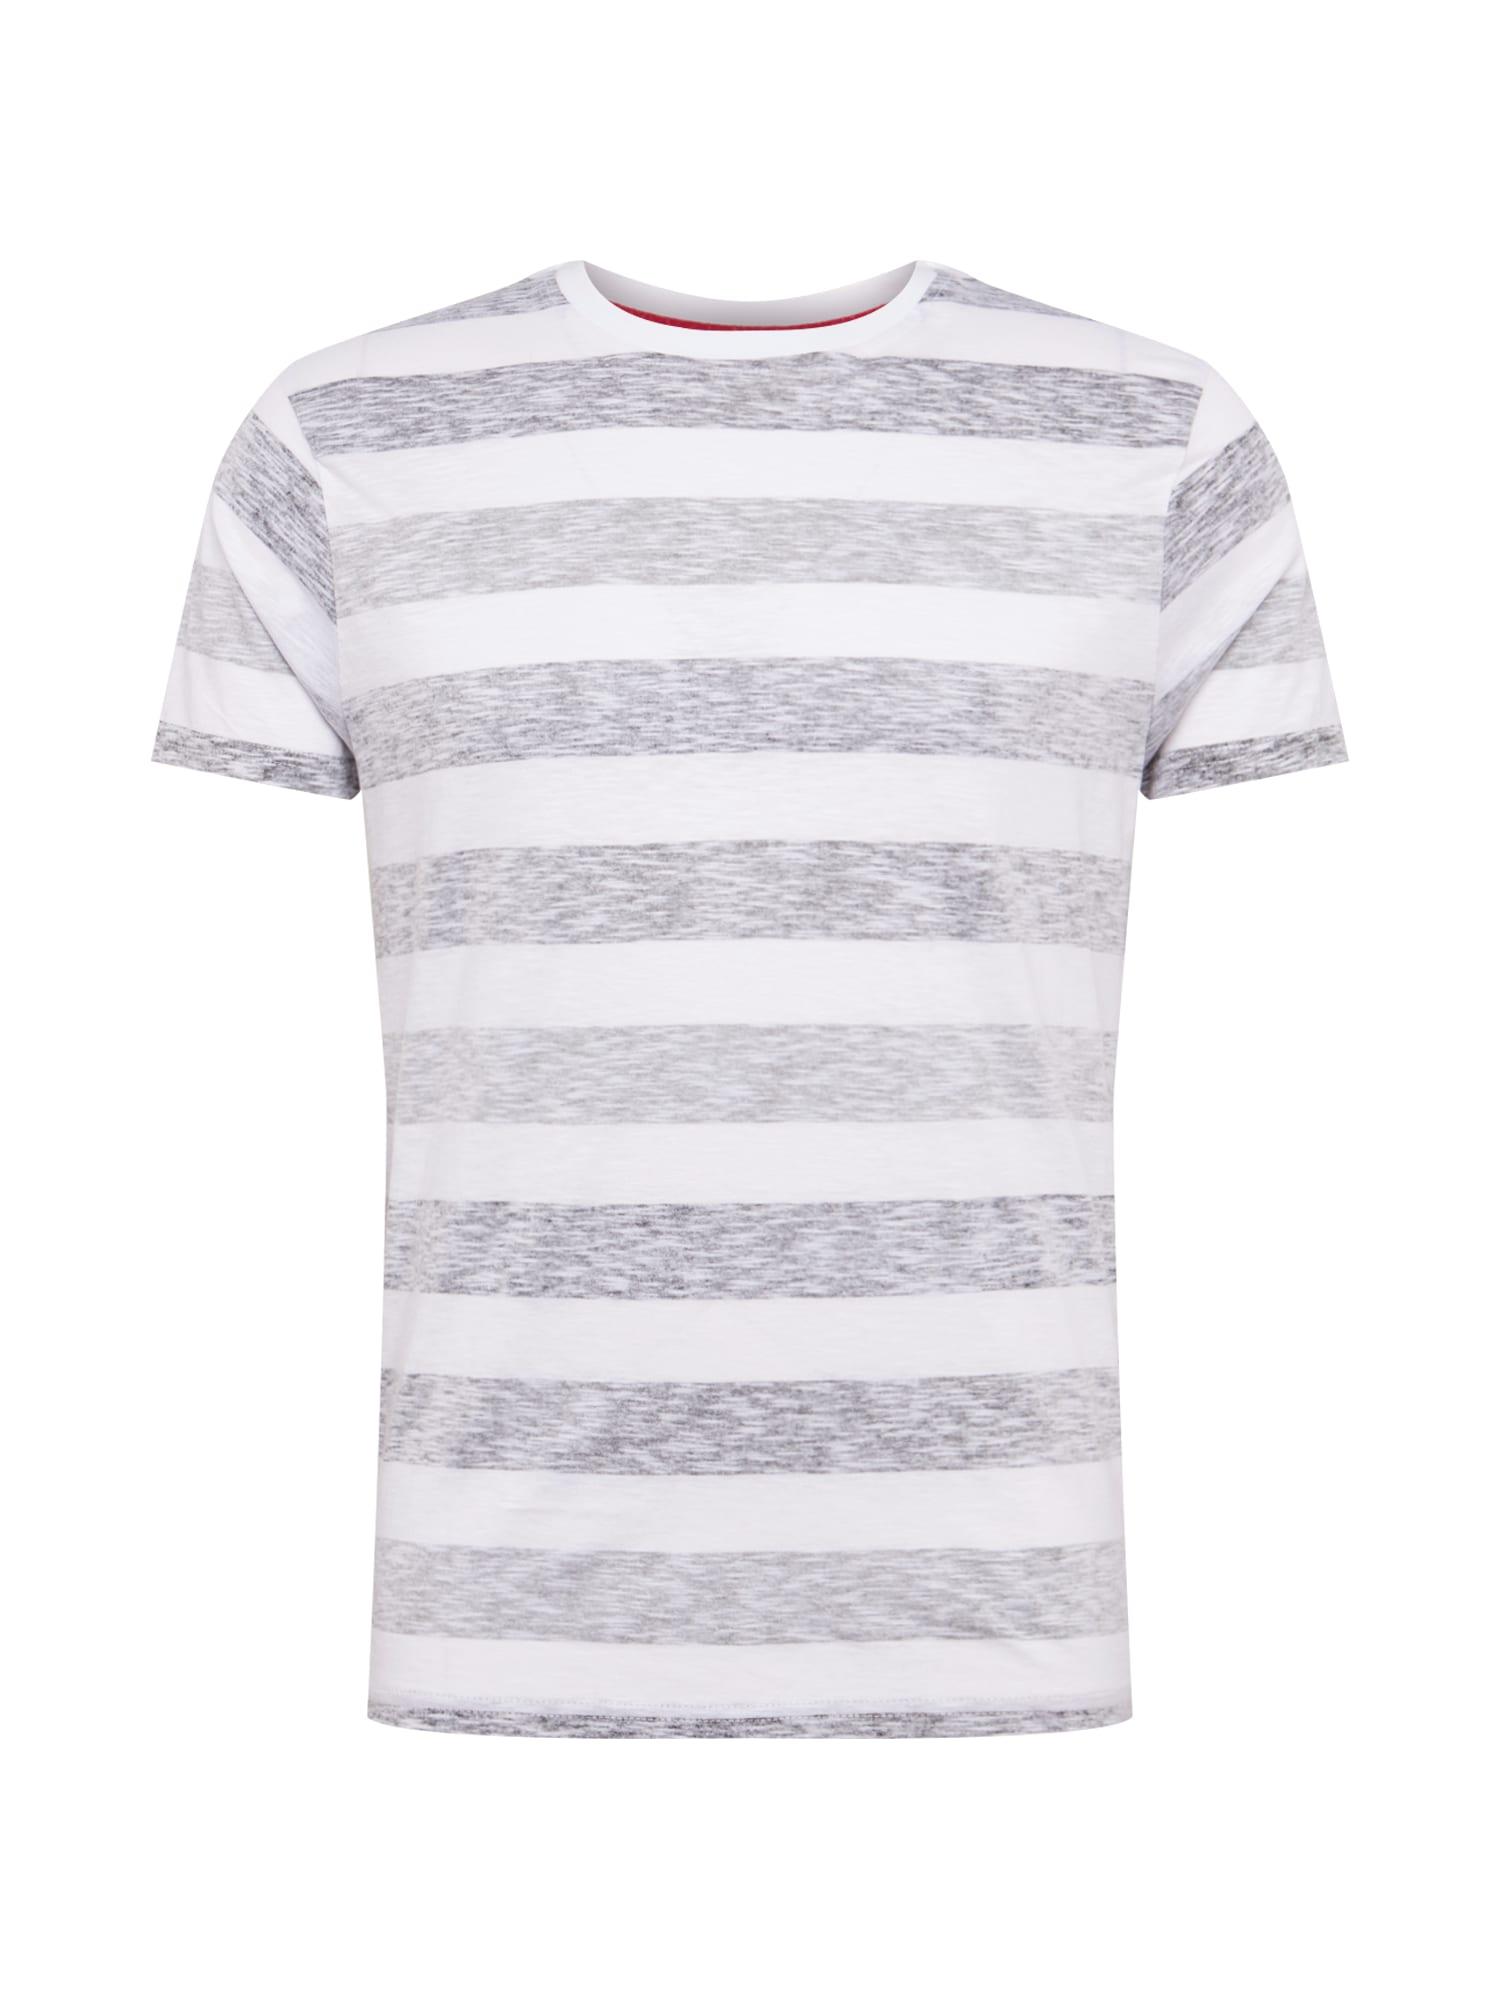 BRAVE SOUL Marškinėliai mišrios spalvos / balta